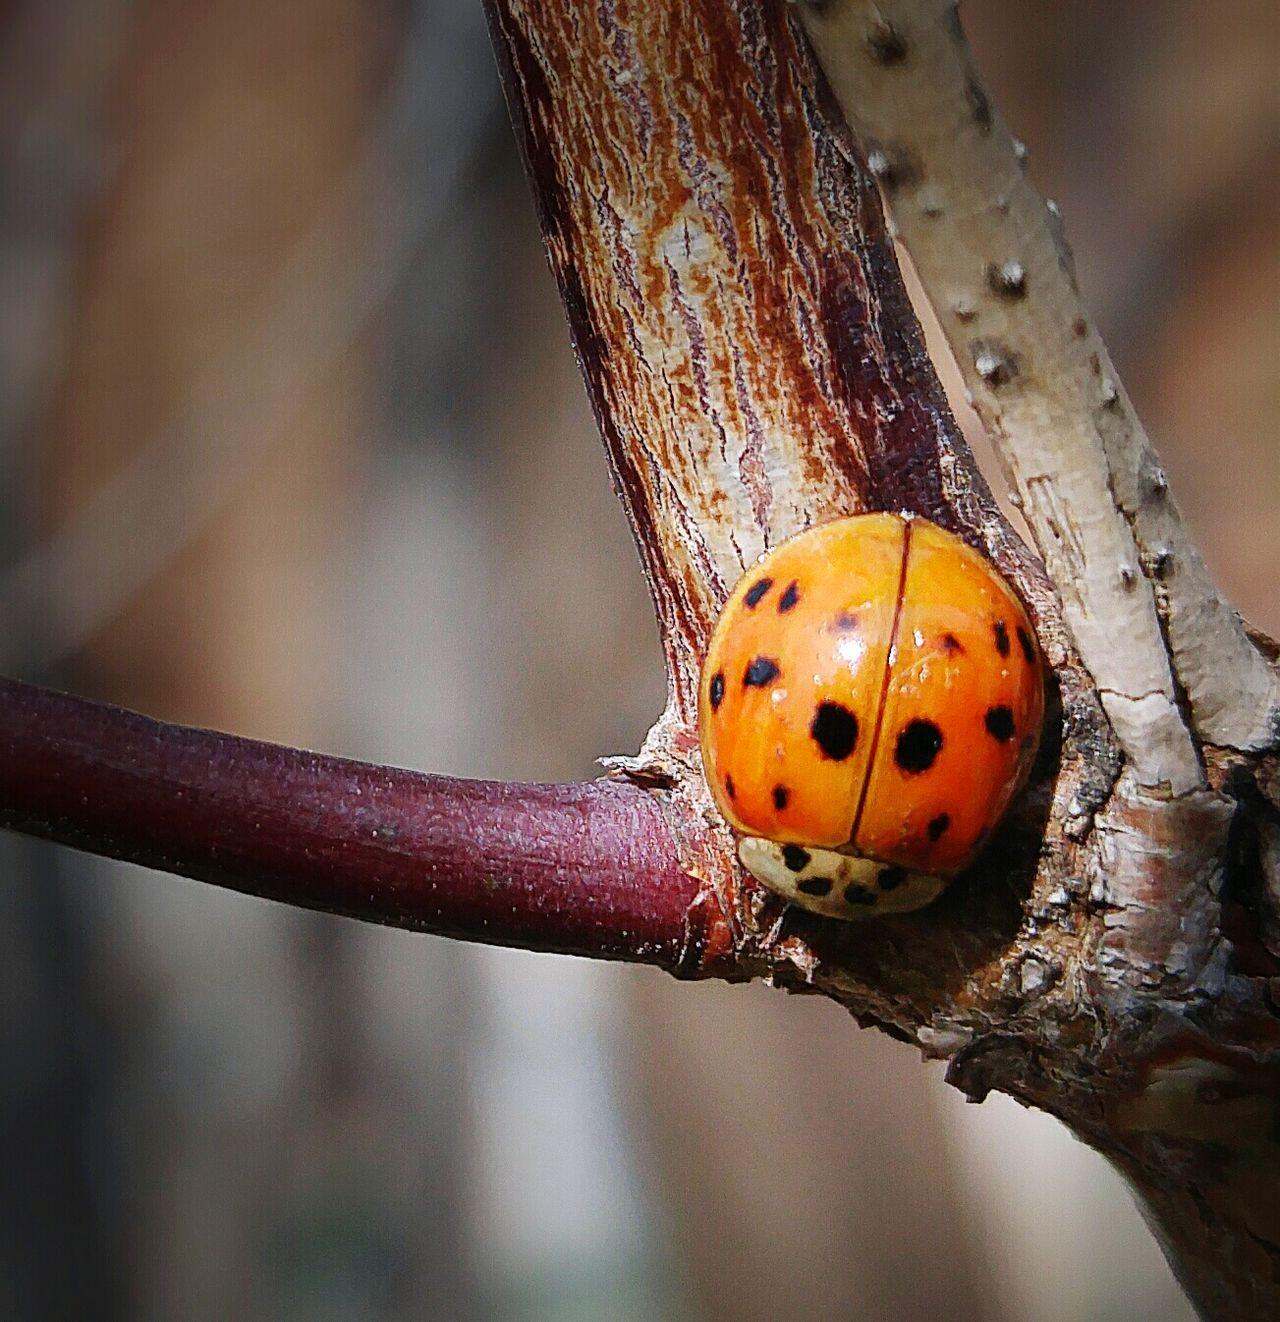 Spring Ladybug Ladybugs Photography Ladybugmacro Macro Macro Nature Insect Photography Treebranch